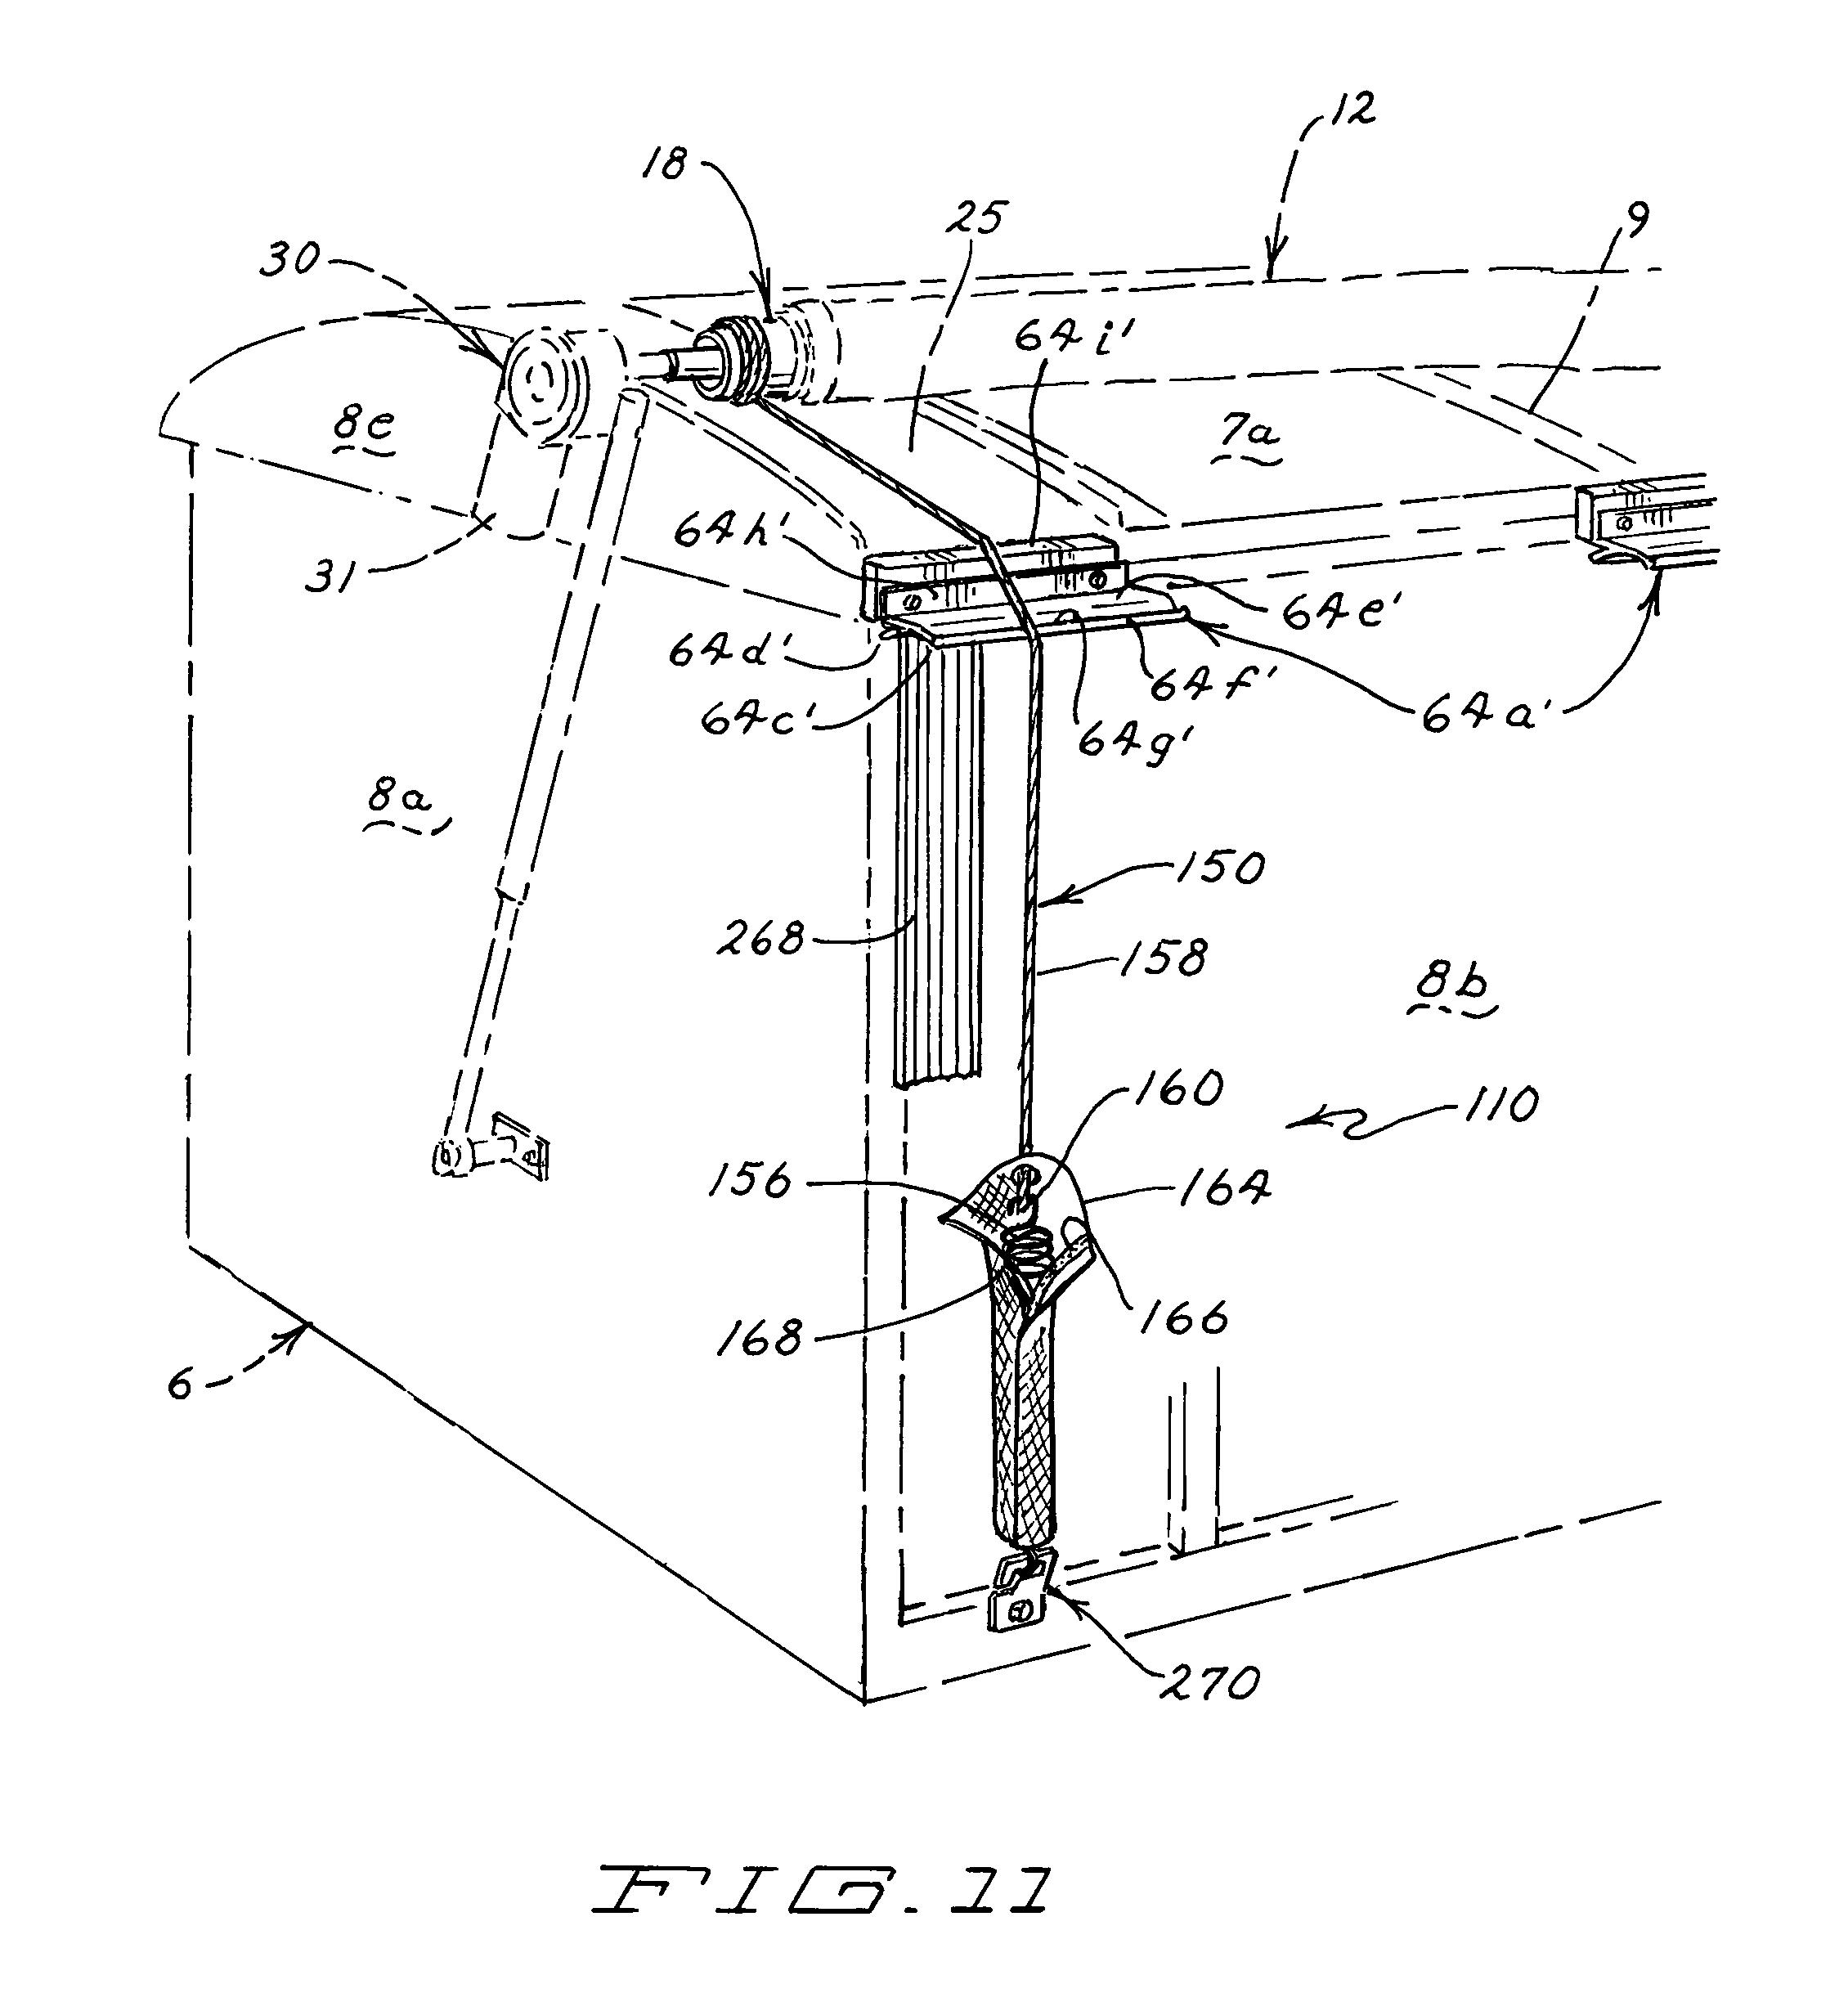 tarp switch wiring diagram for motor wiring diagram